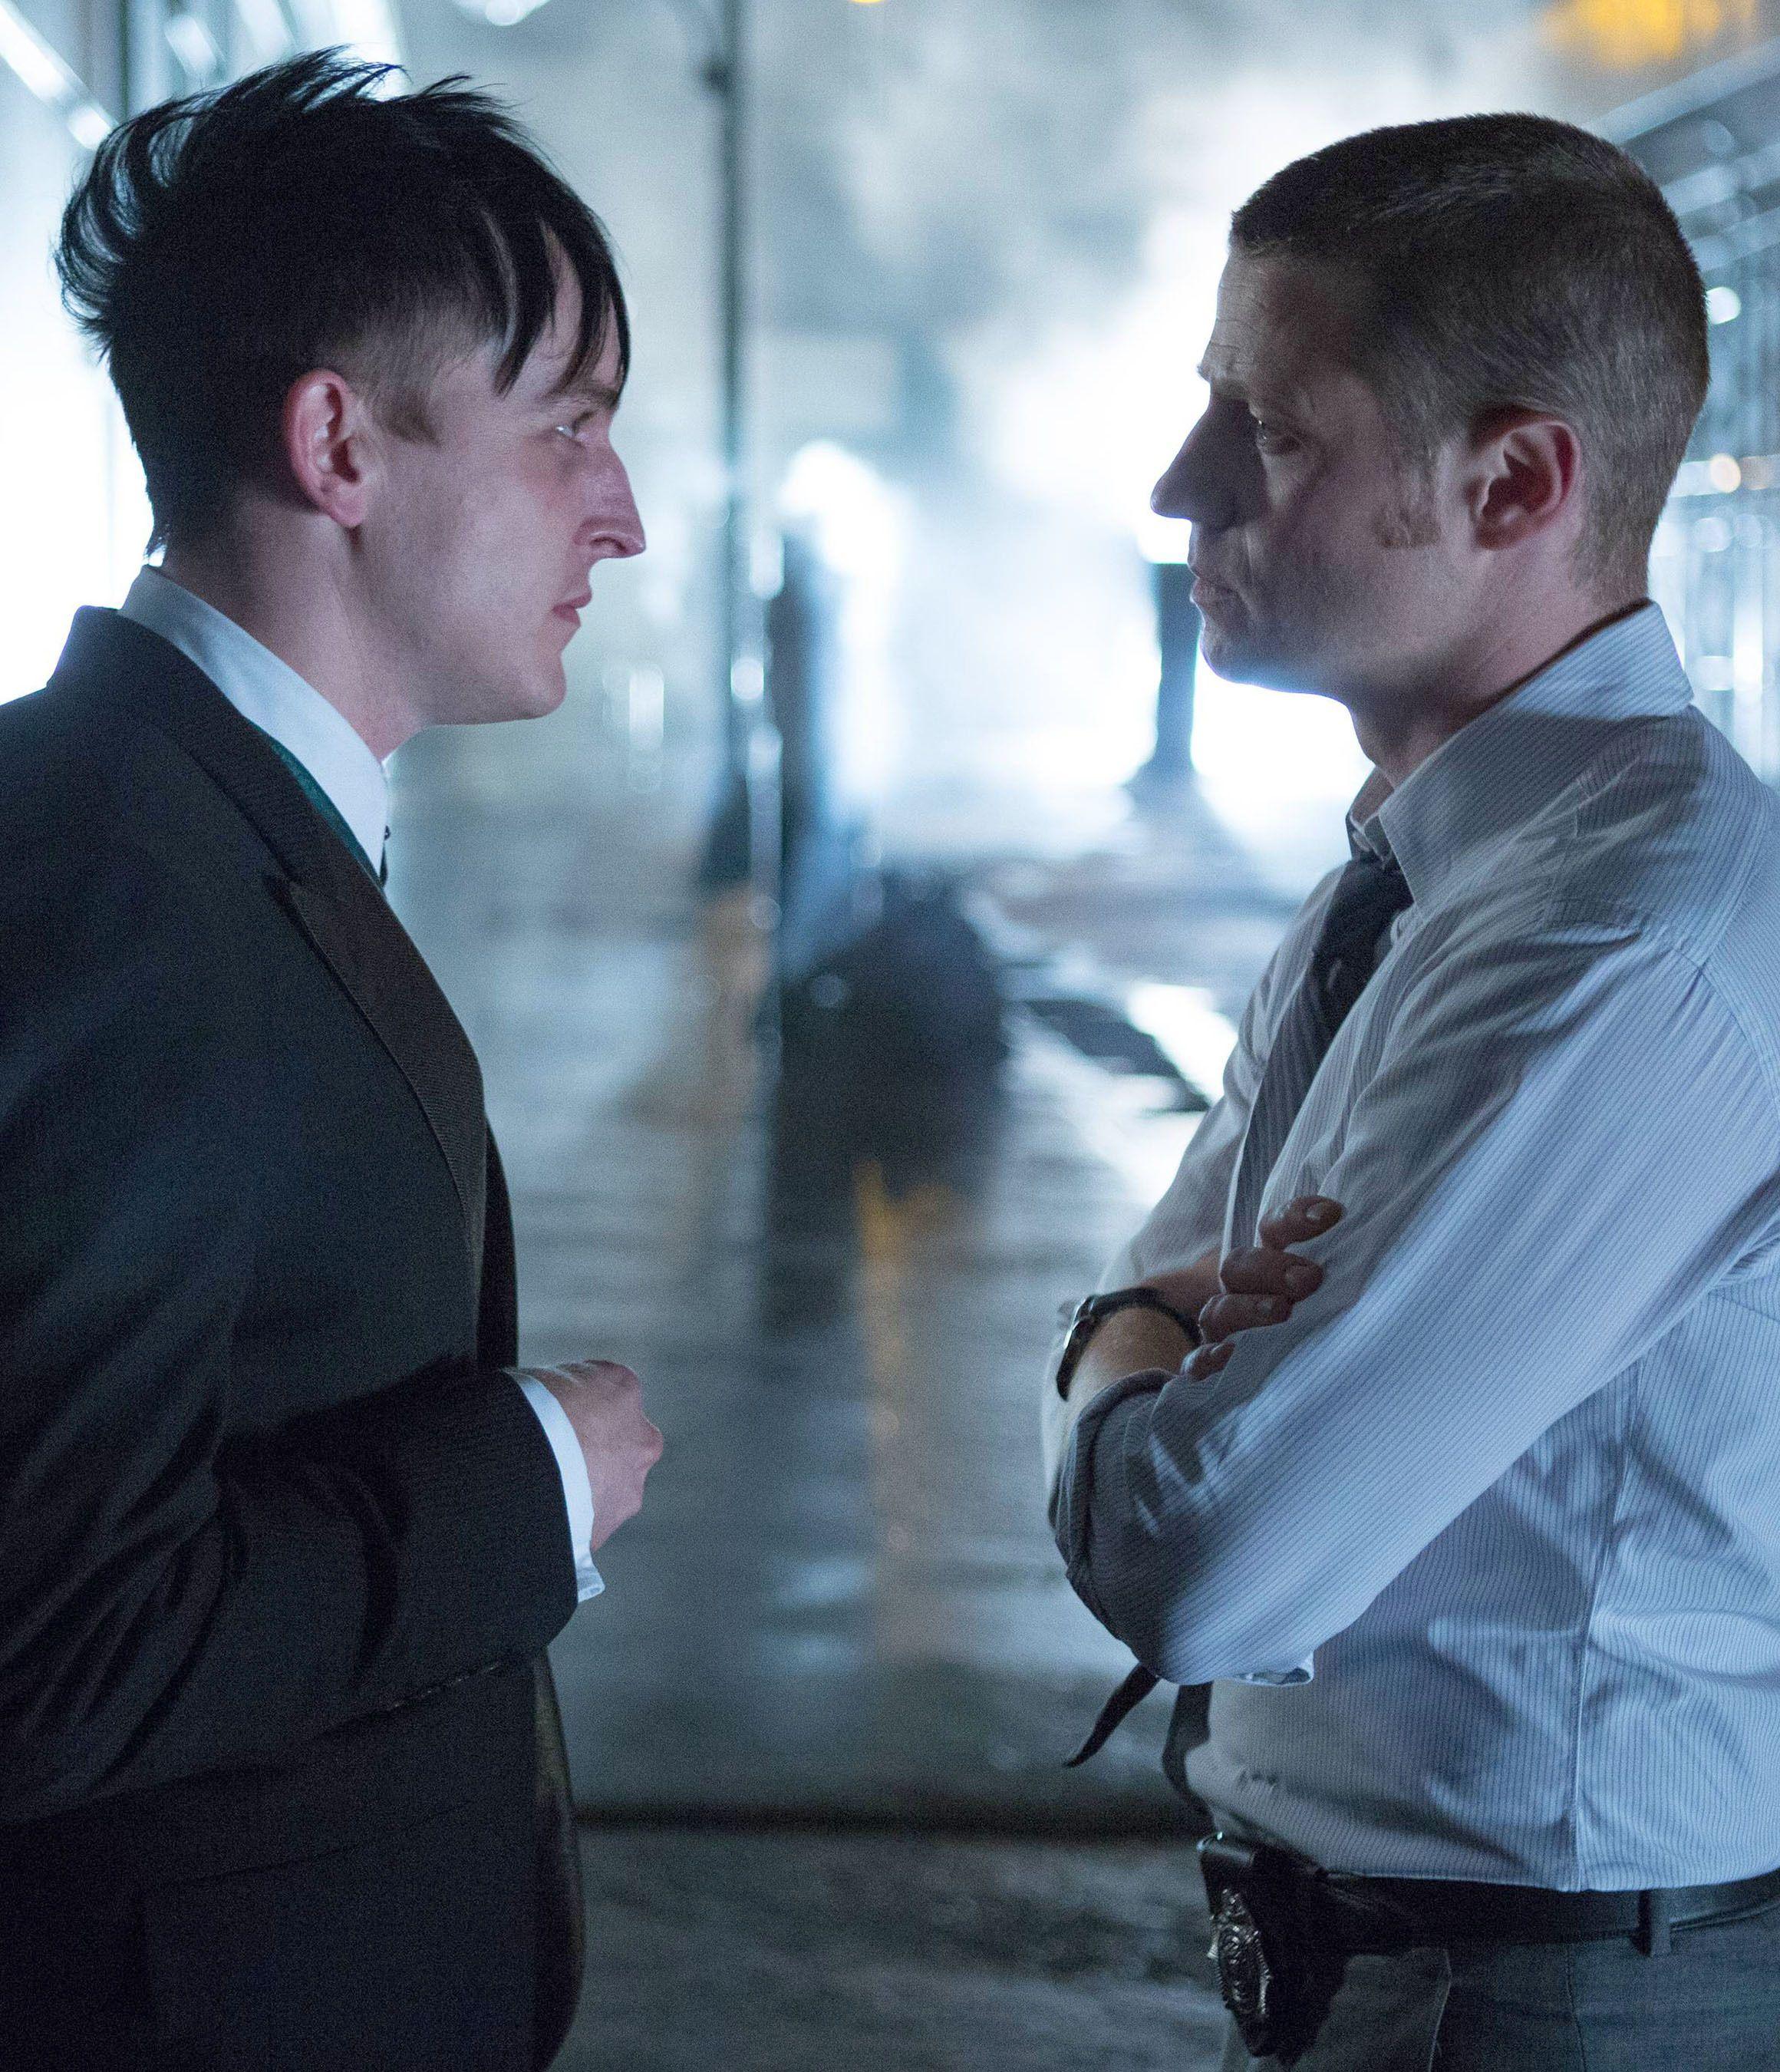 Gotham 1x03 - Gordon & Cobblepot (Penguin)